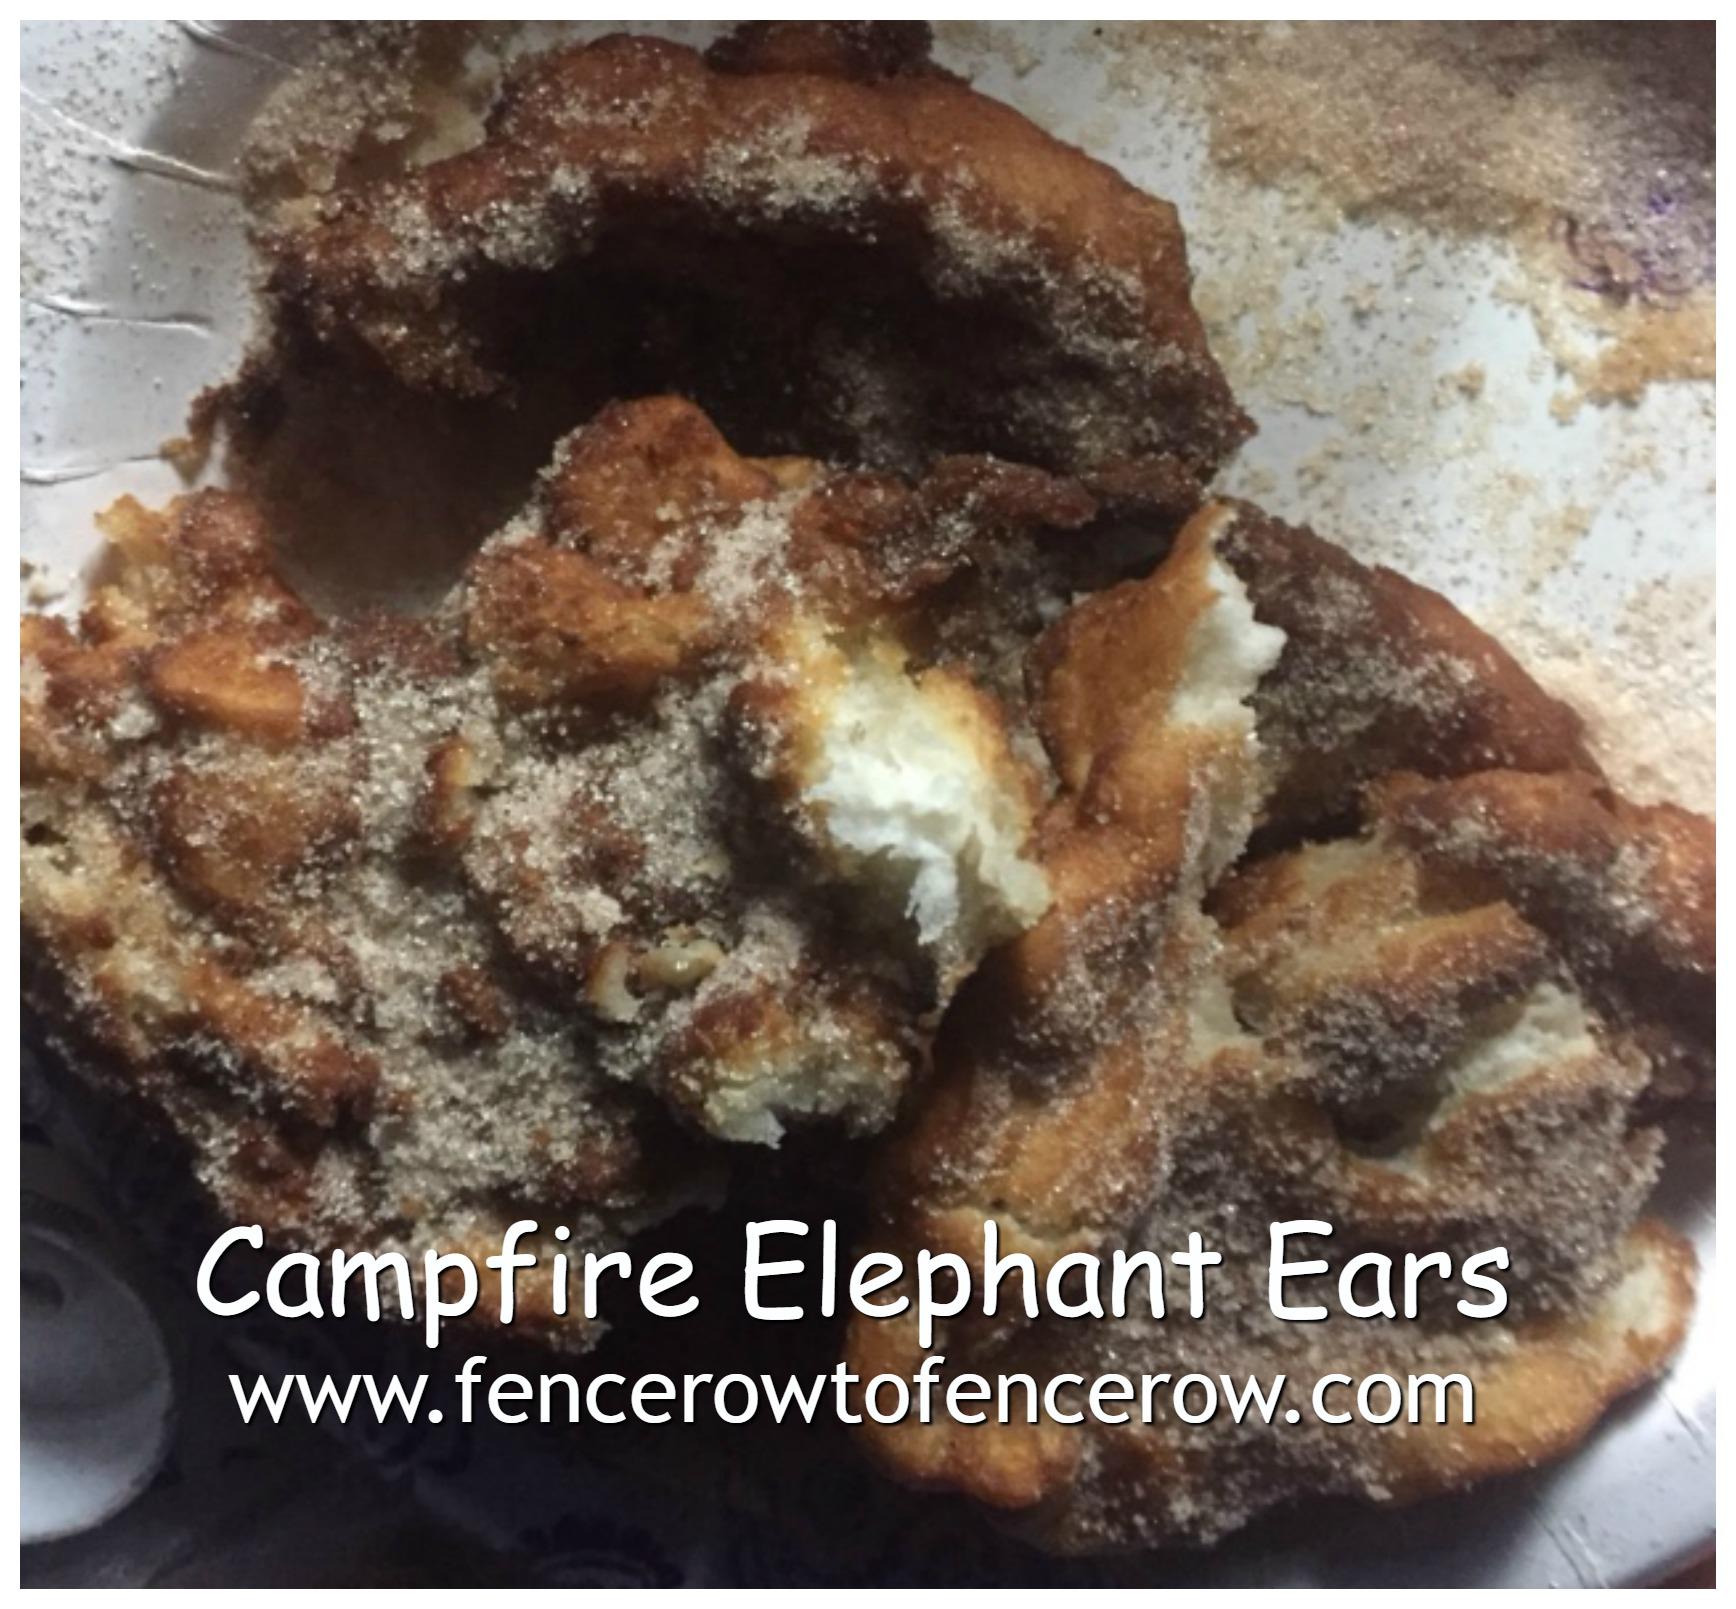 Campfire Elephant Ears Fencerow To Fencerow